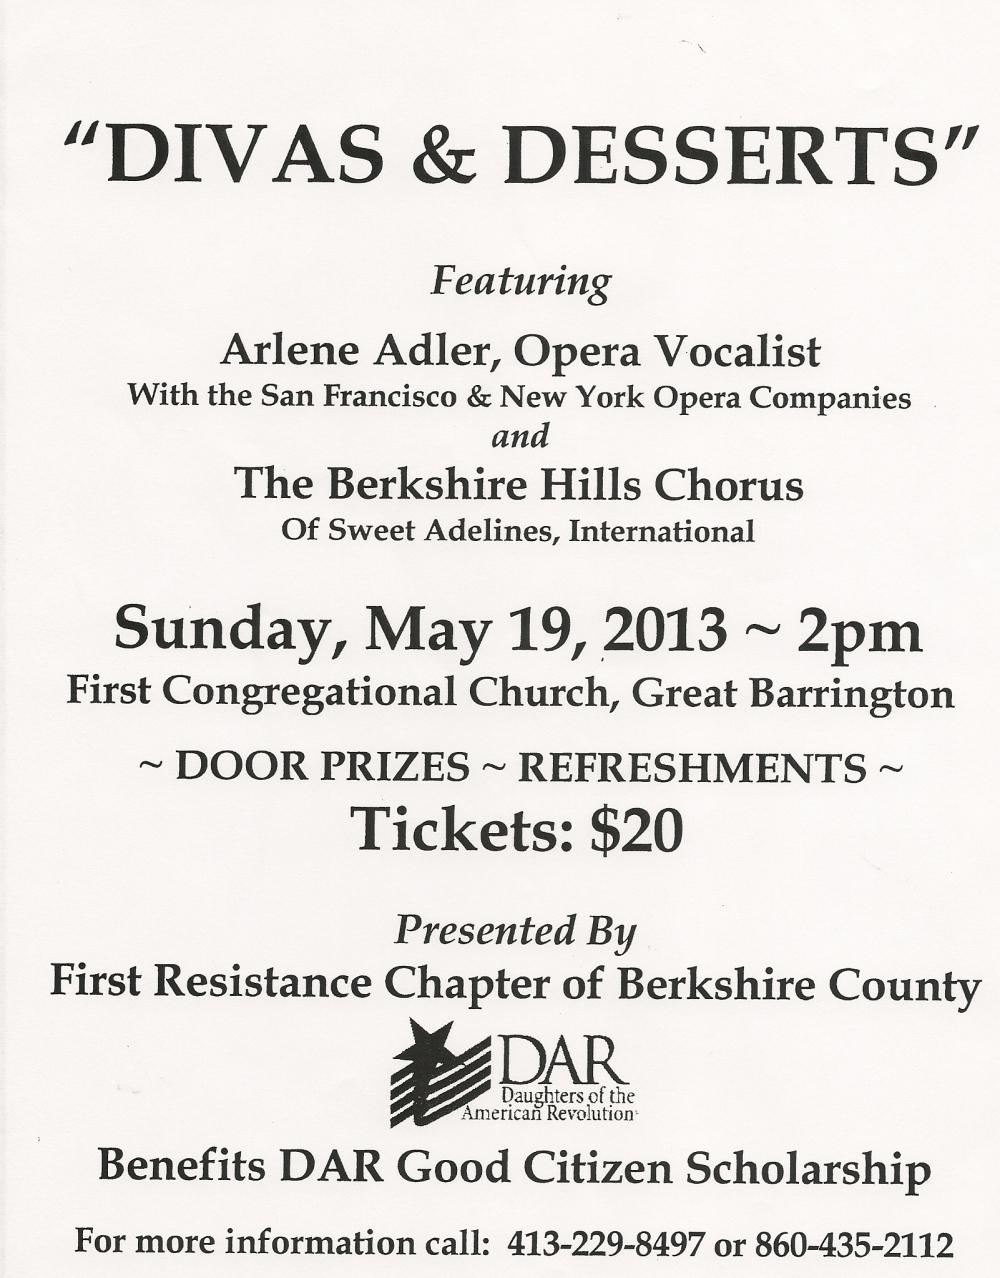 Divas & Desserts